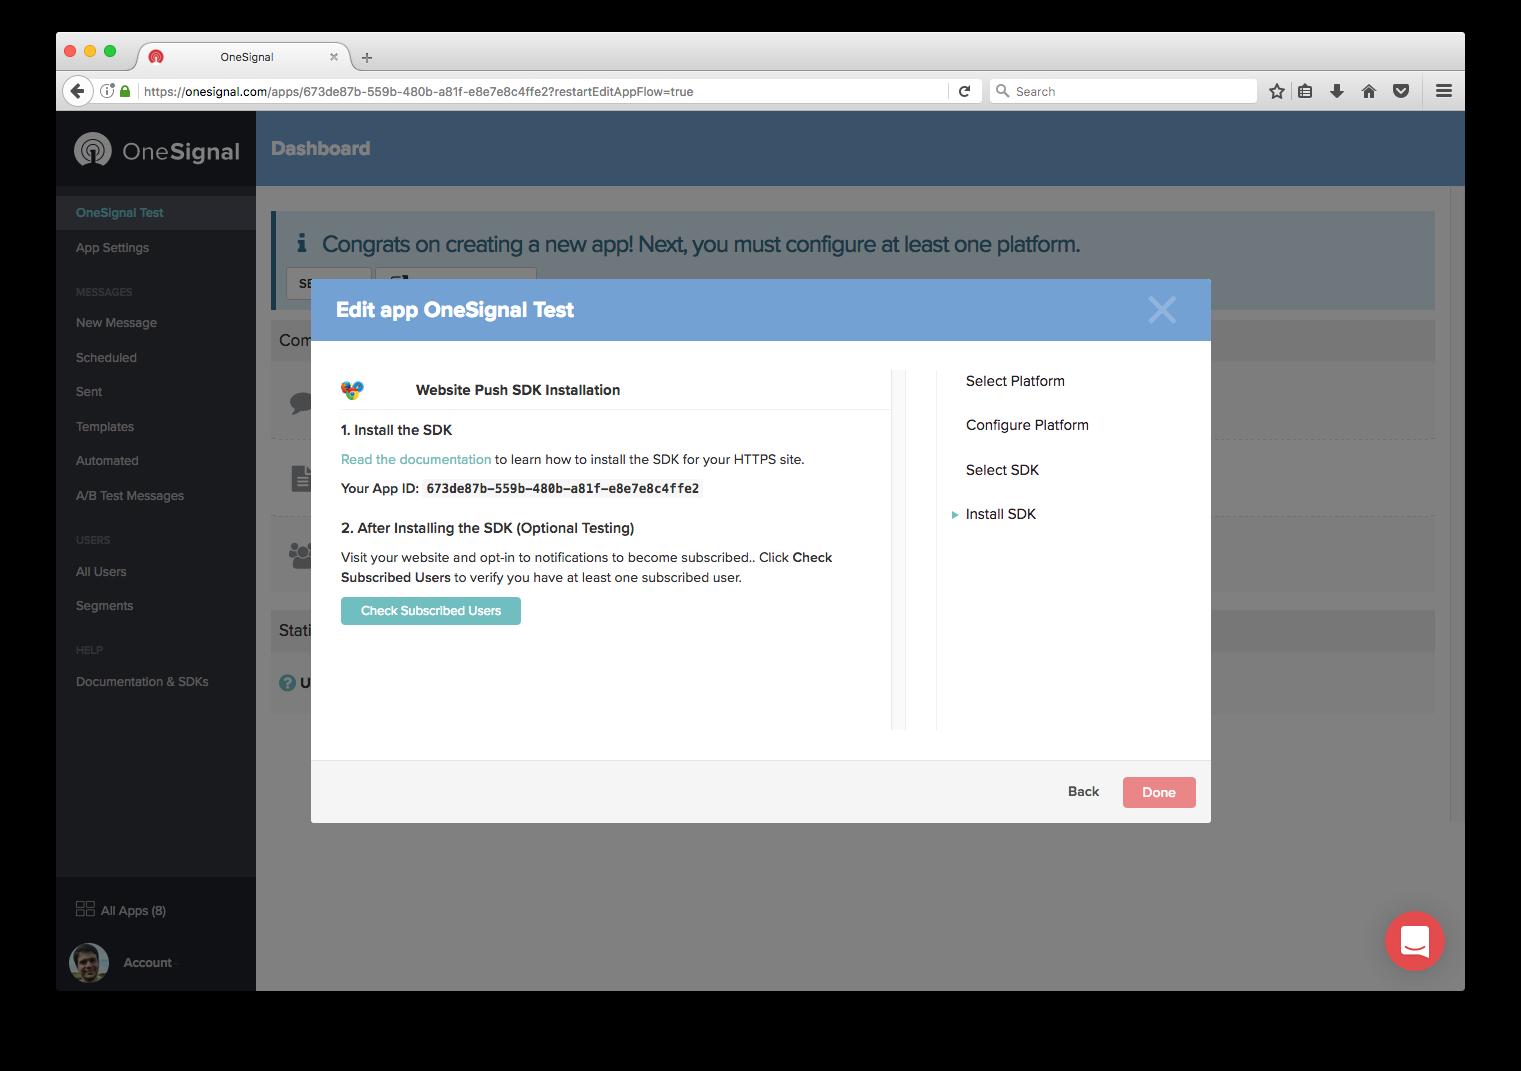 pantalla para Verificar usuarios suscritos en OneSignal